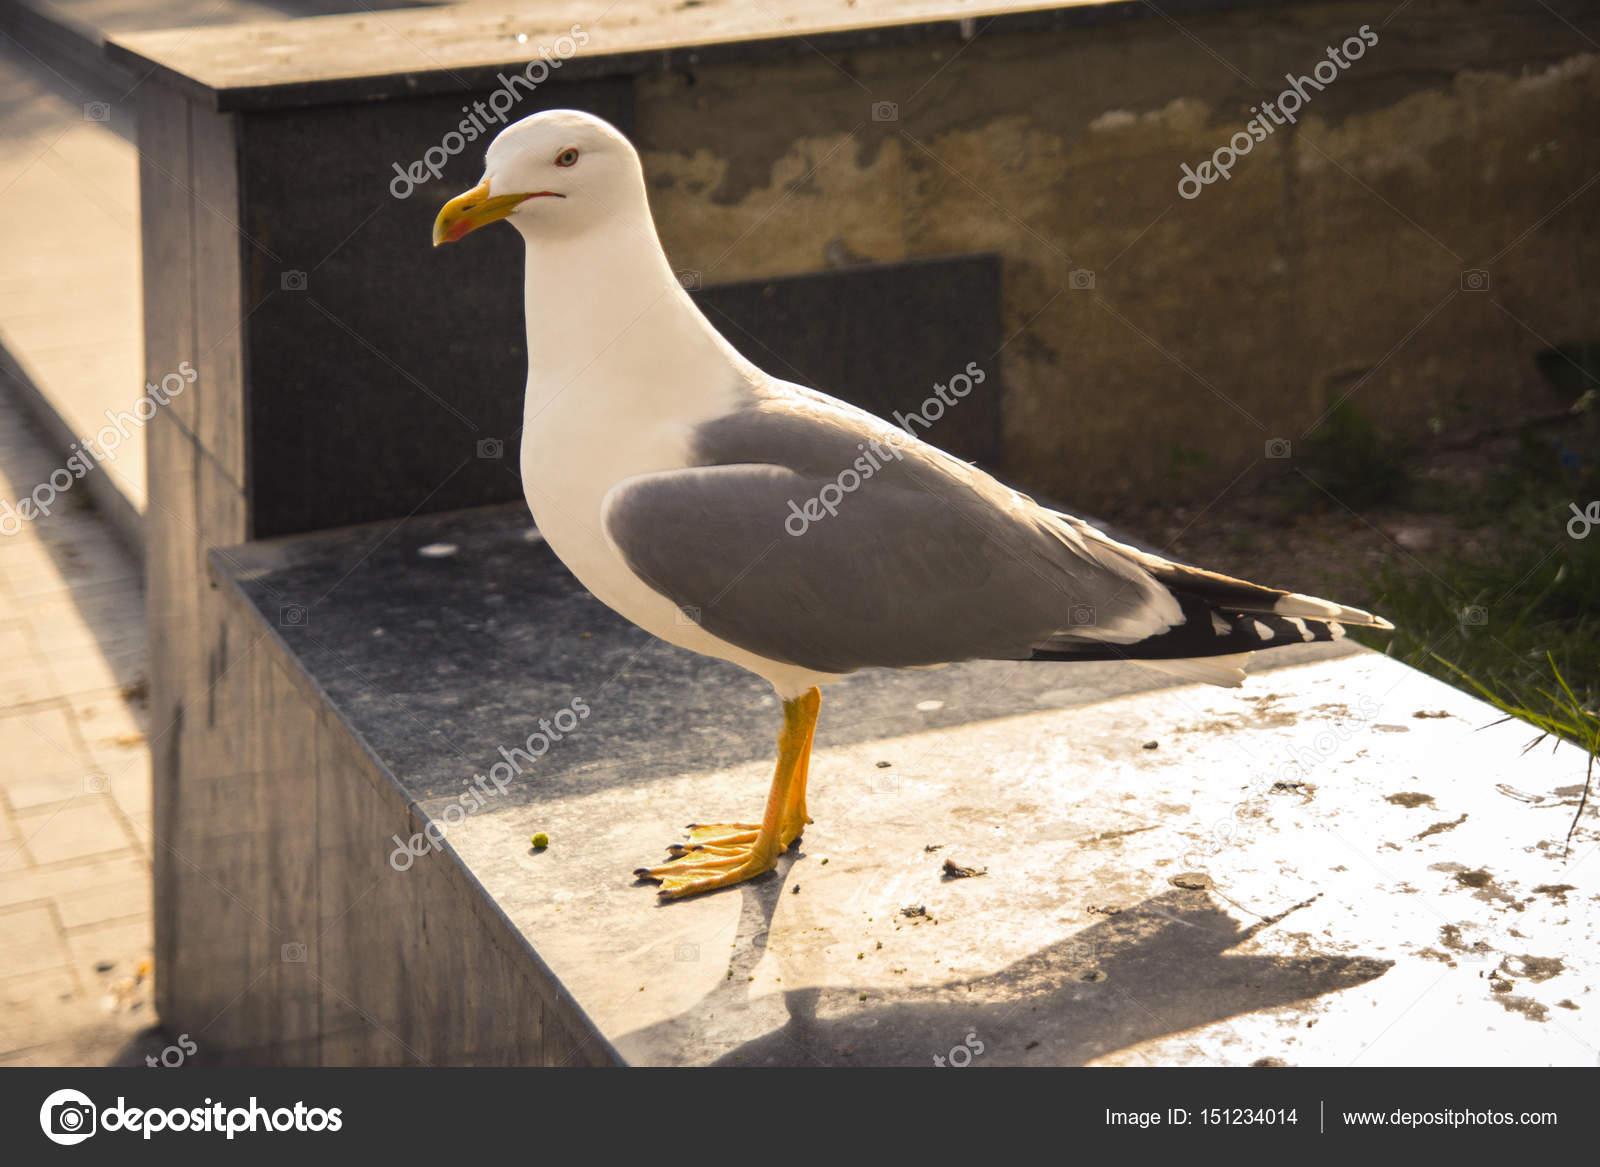 Φωτογραφίες από μεγάλο λευκό πουλί τελευταίες μαύρες φωτογραφίες σεξ